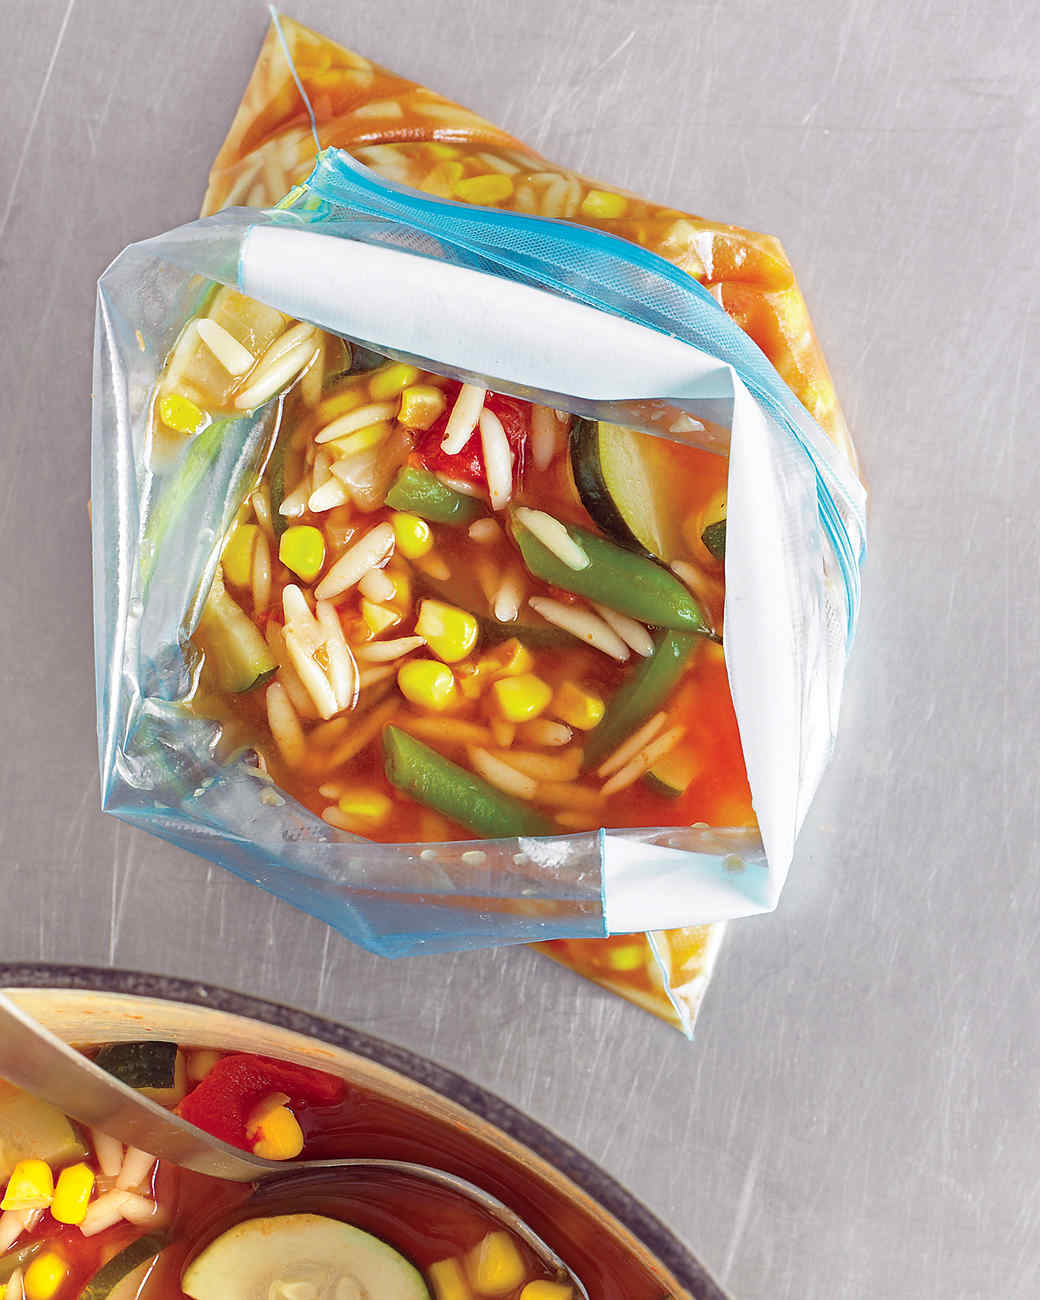 med103901_0908_veg_soup.jpg